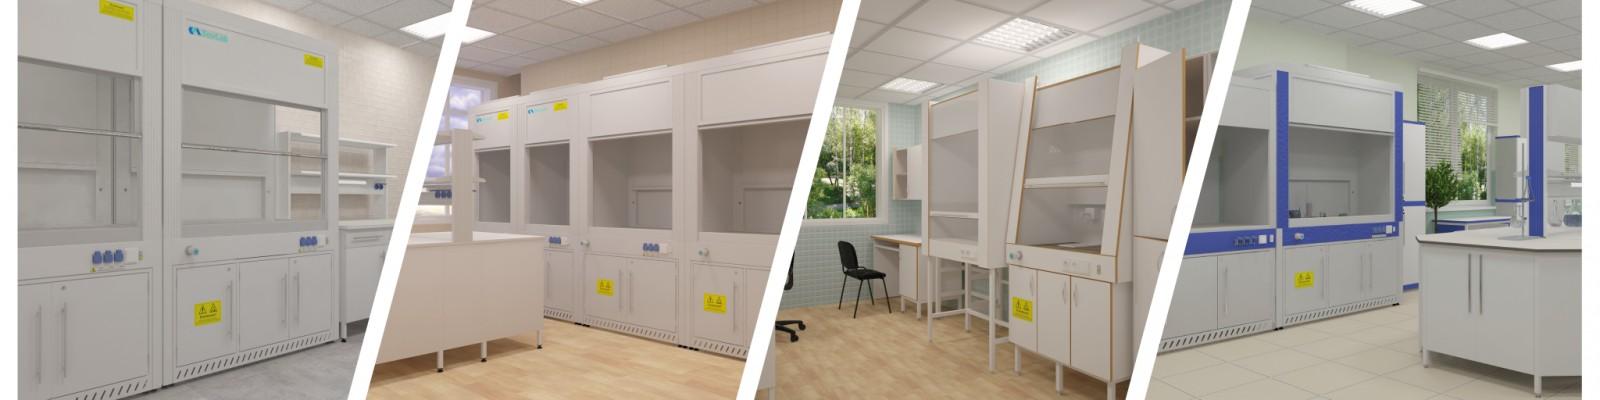 Современная лаборатория. Шкафы вытяжные ECO (Цельнометаллические)